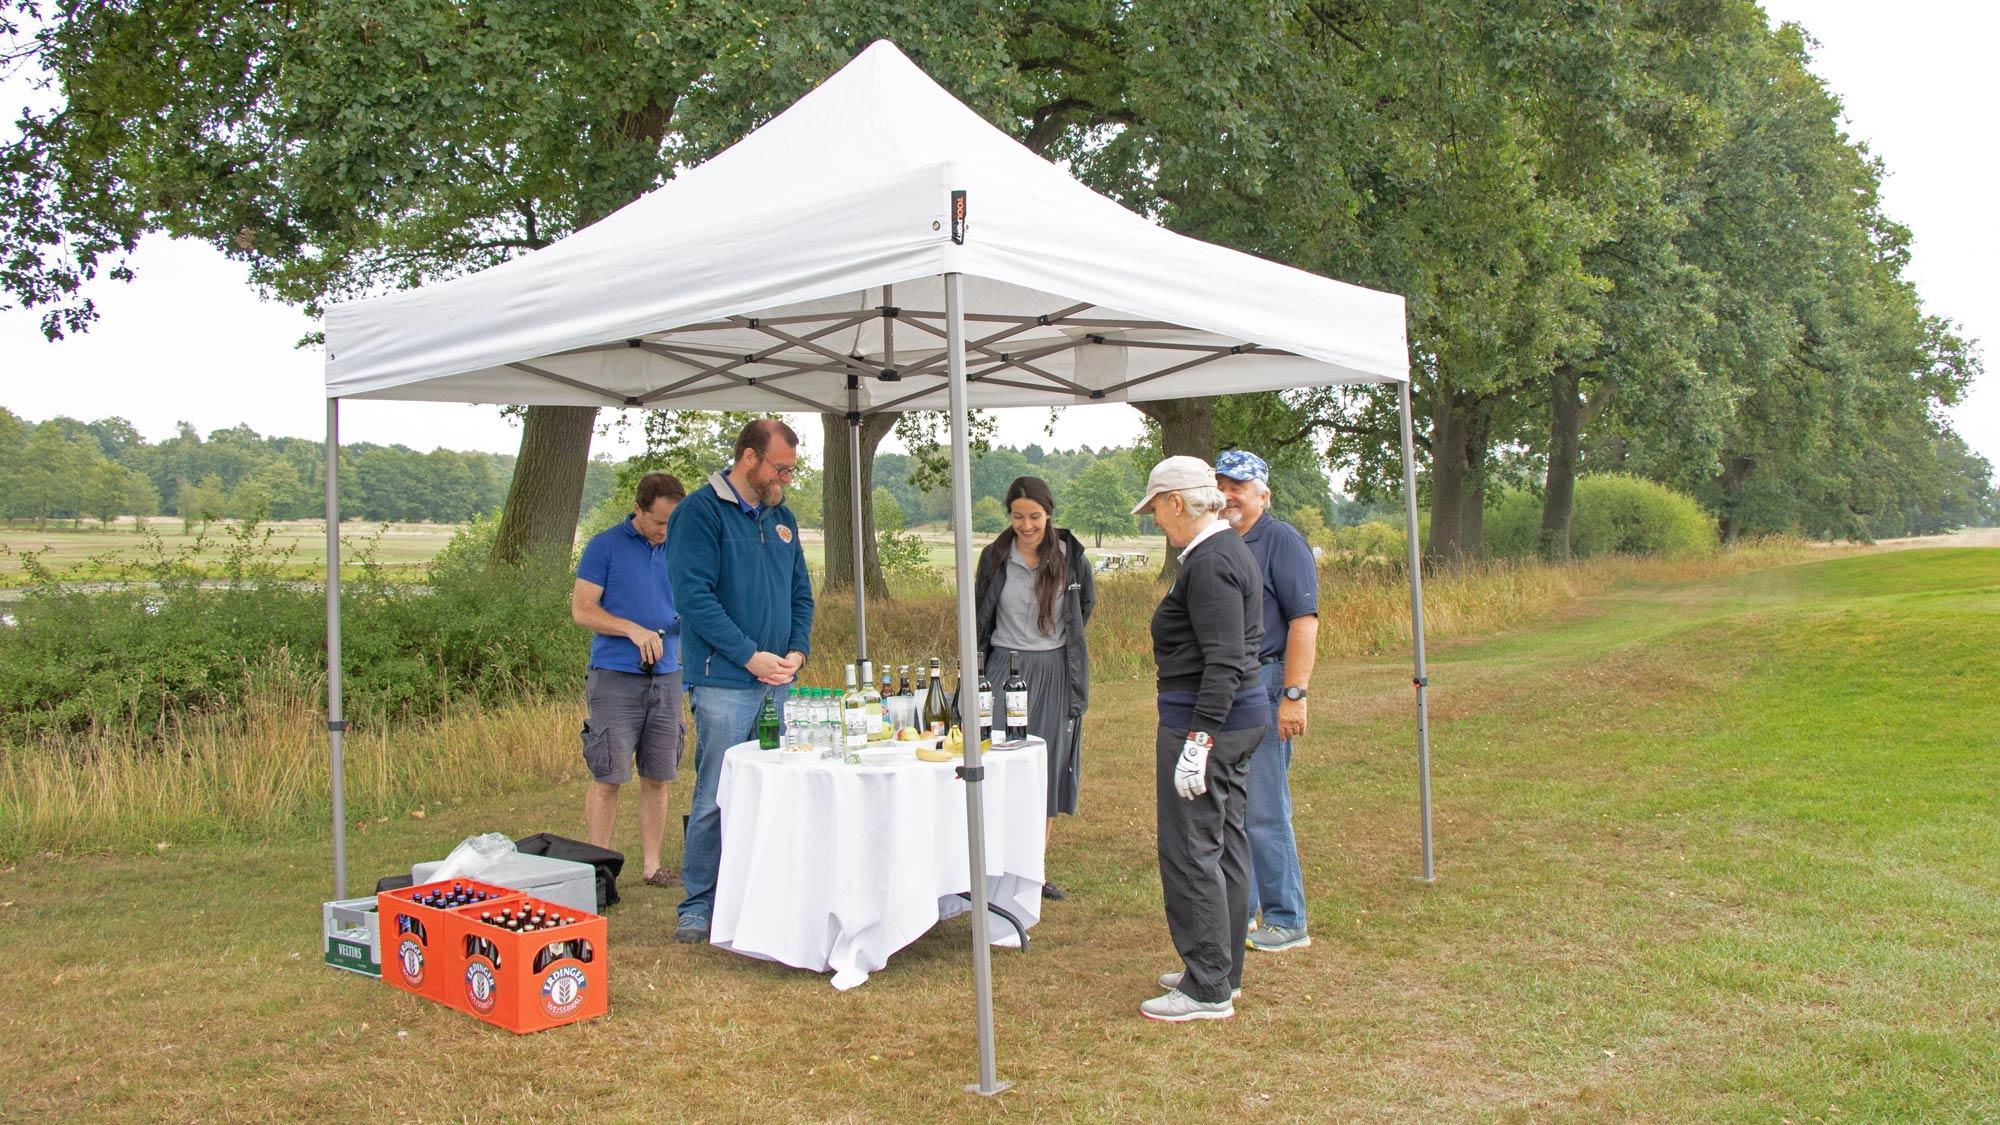 Über den Golfplatz verteilt gab es immer wieder kleine Catering-Stationen, die mit Faltpavillons vor dem Wetter geschützt wurden.